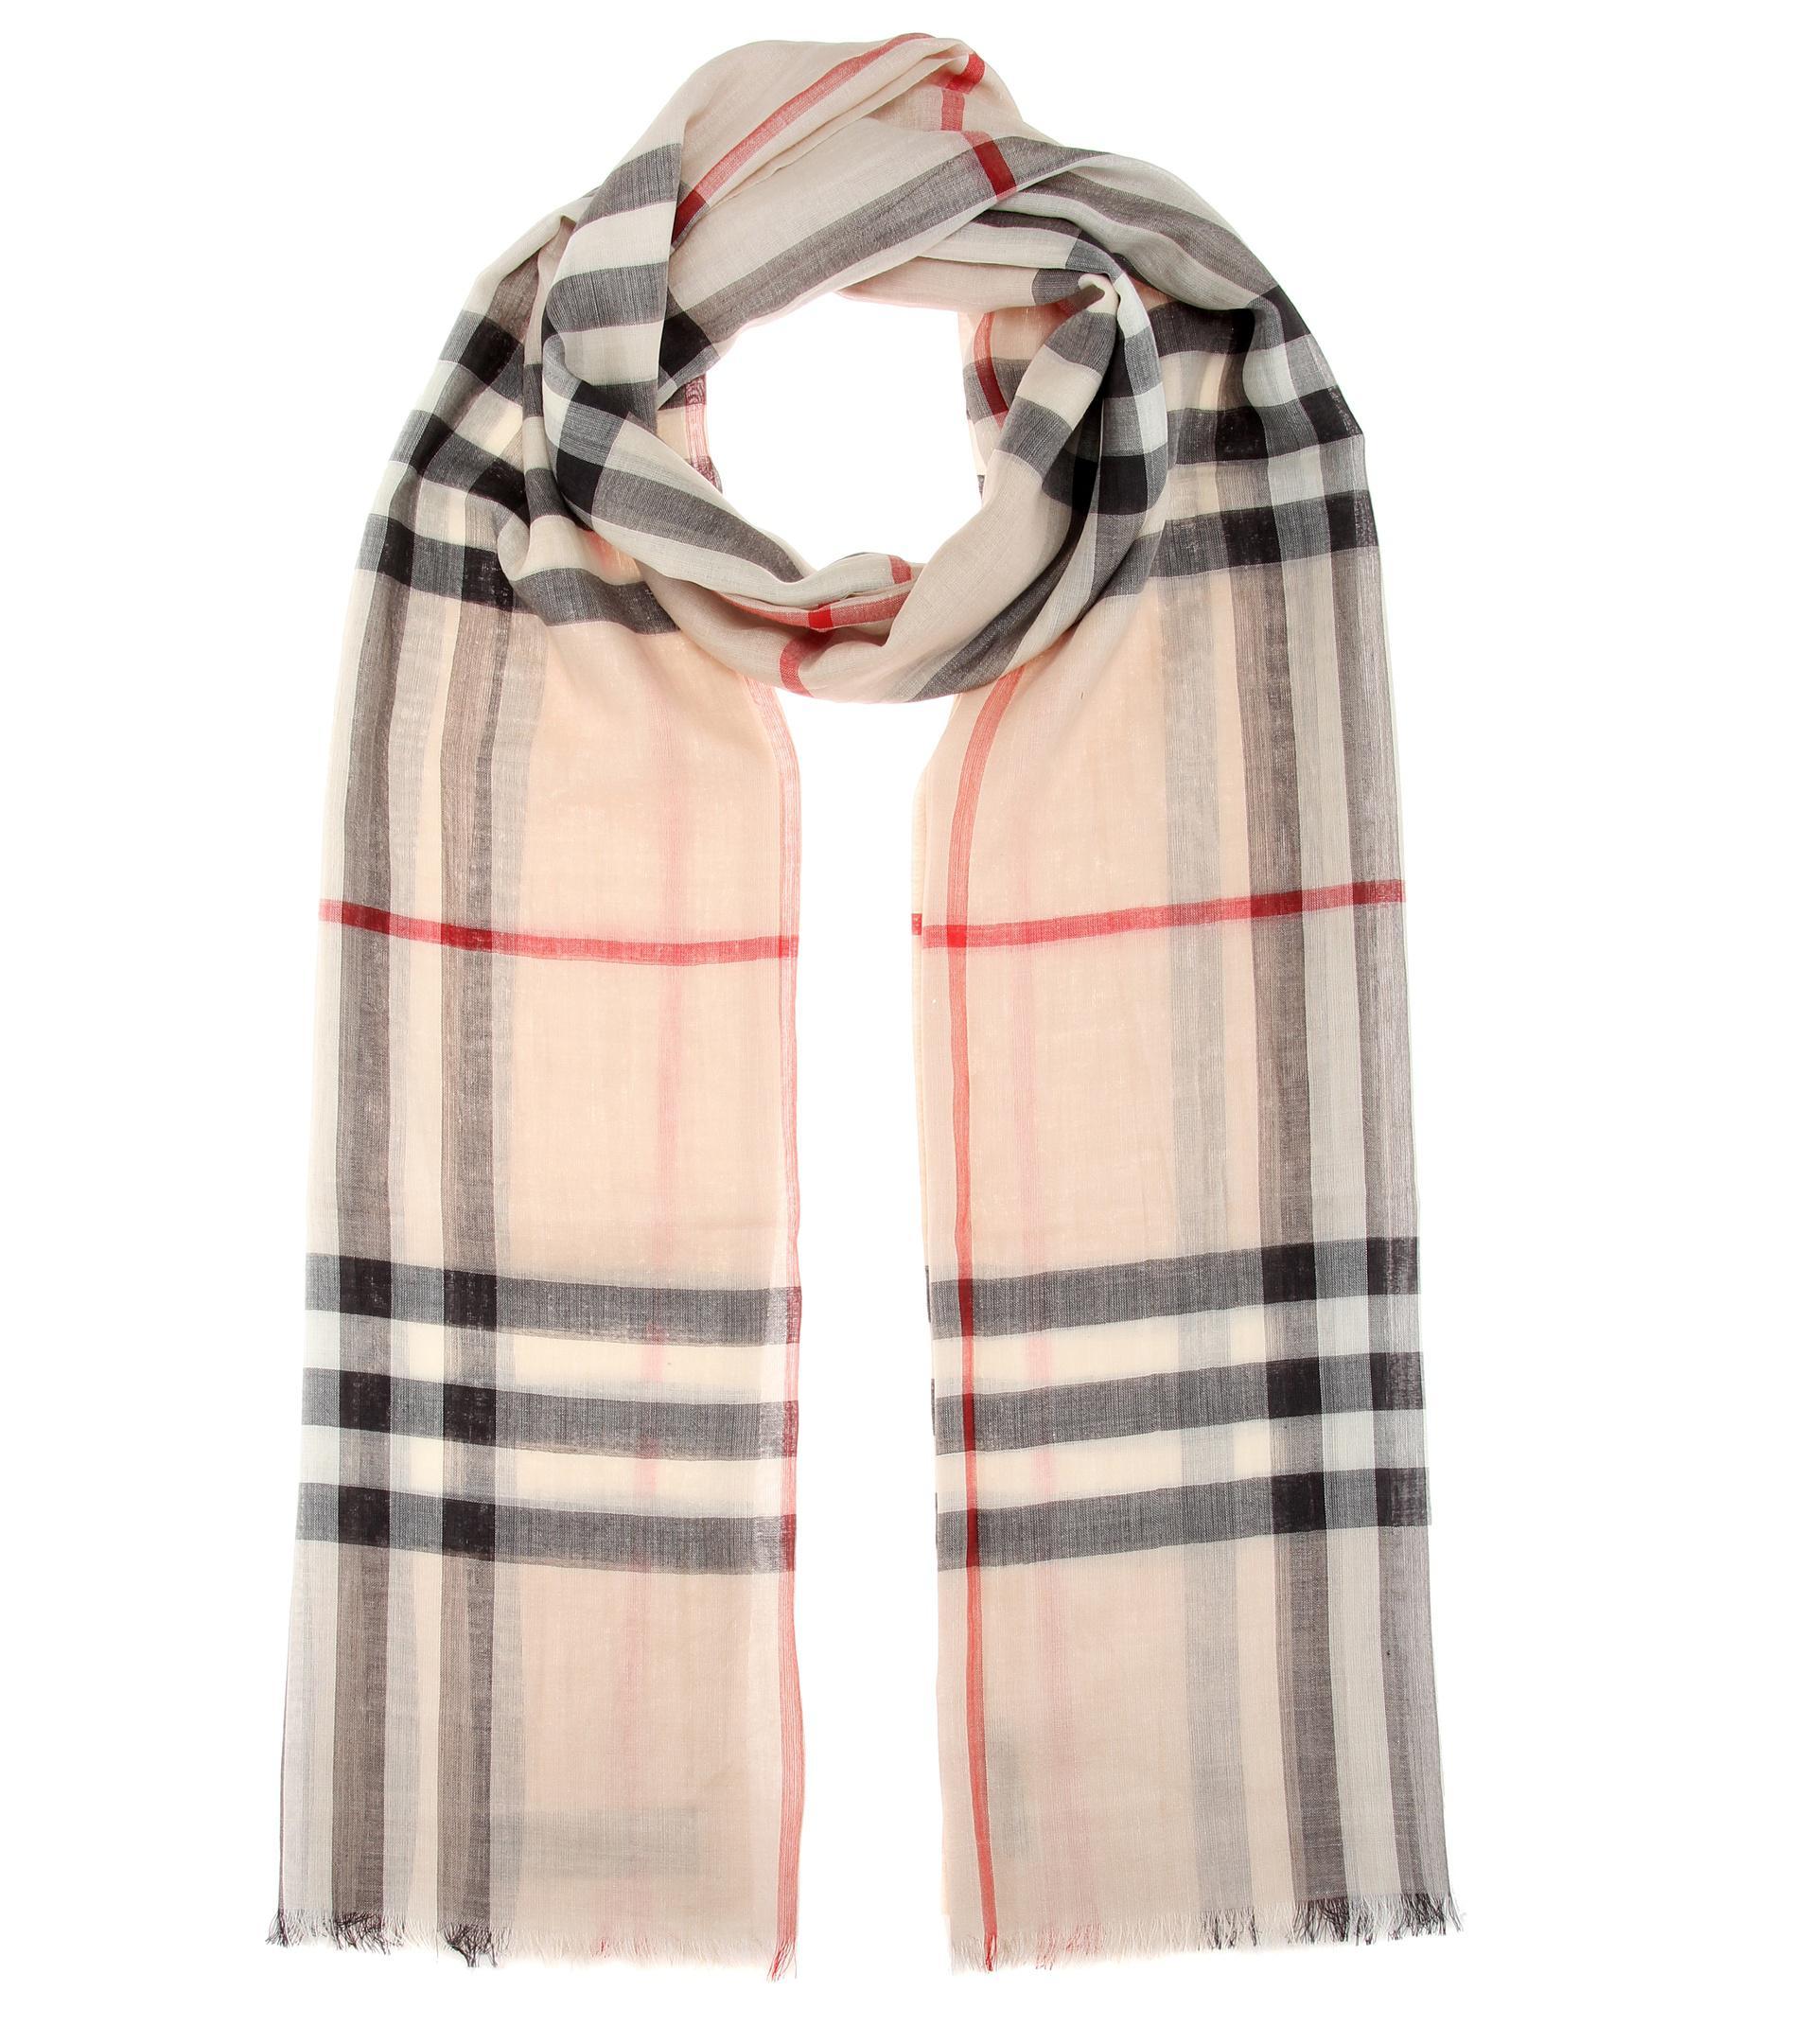 09eece4f63cc Lyst - Écharpe en laine et soie à carreaux Check Burberry en coloris ...